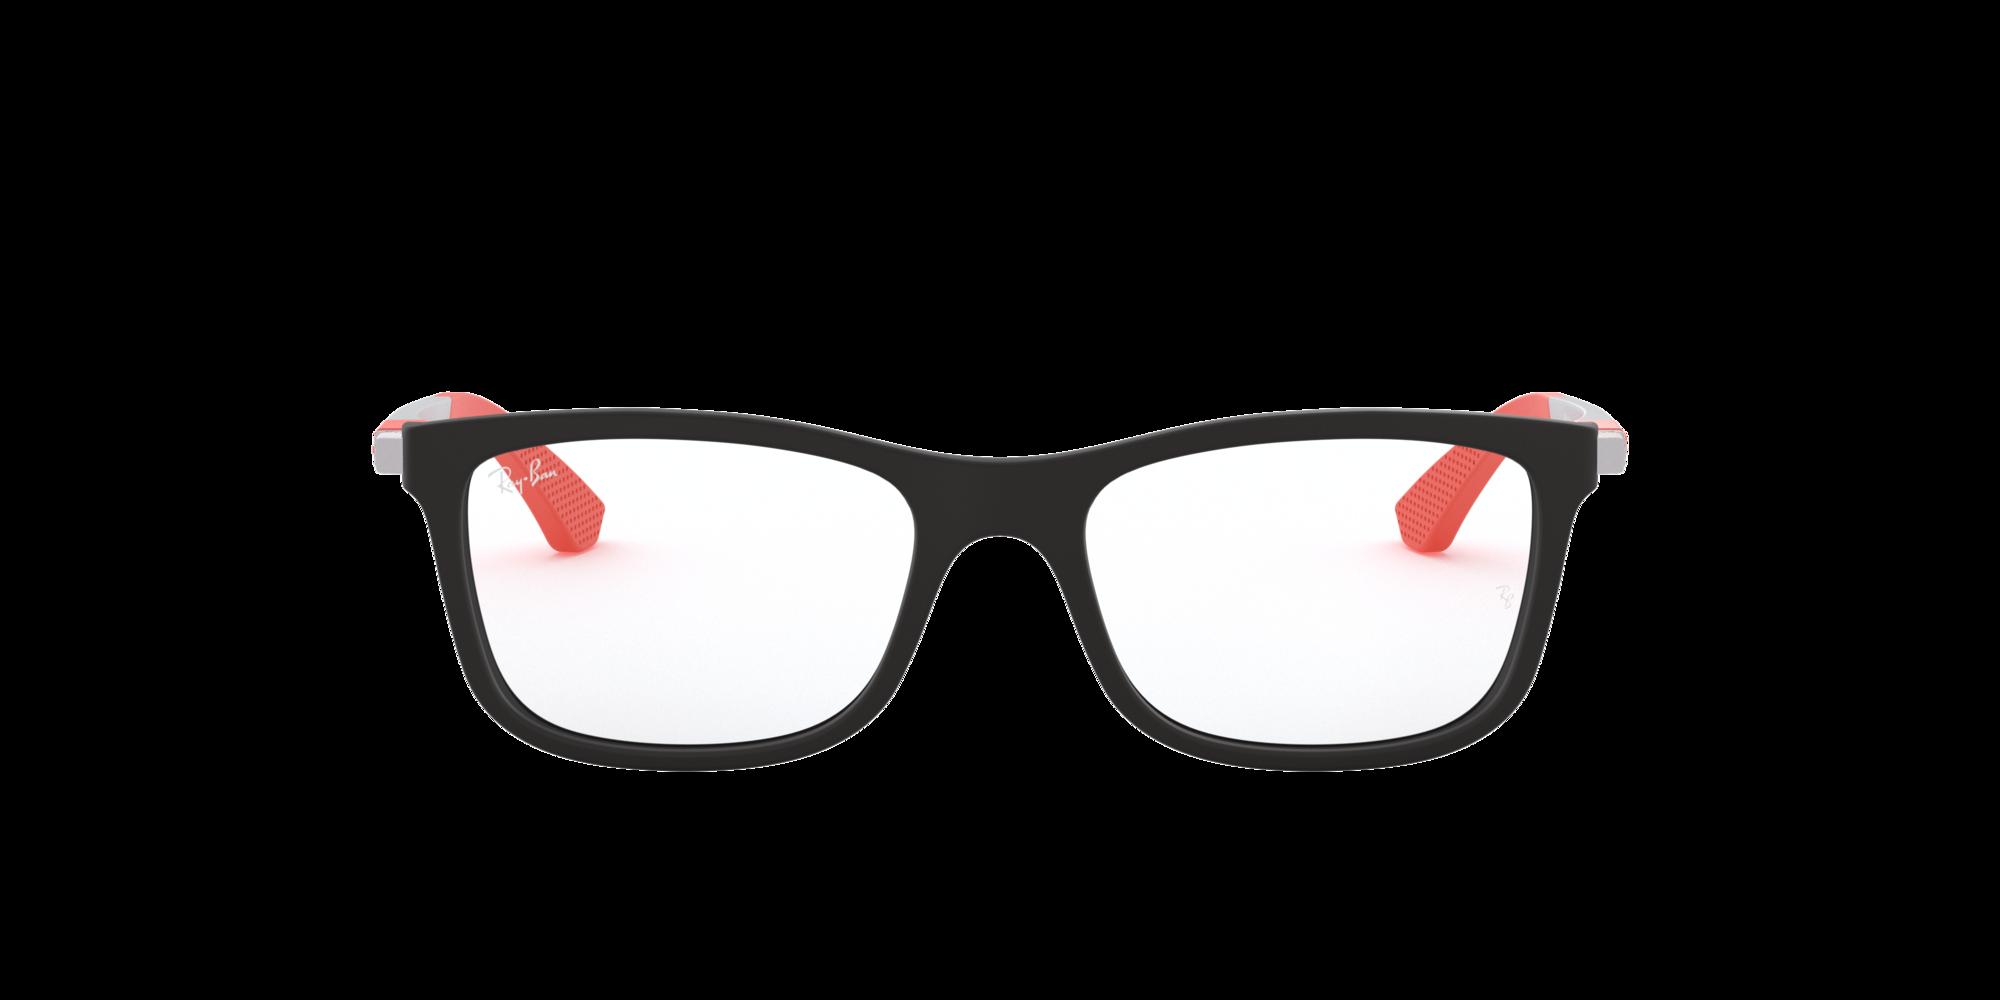 Imagen para RY1549 de LensCrafters |  Espejuelos, espejuelos graduados en línea, gafas